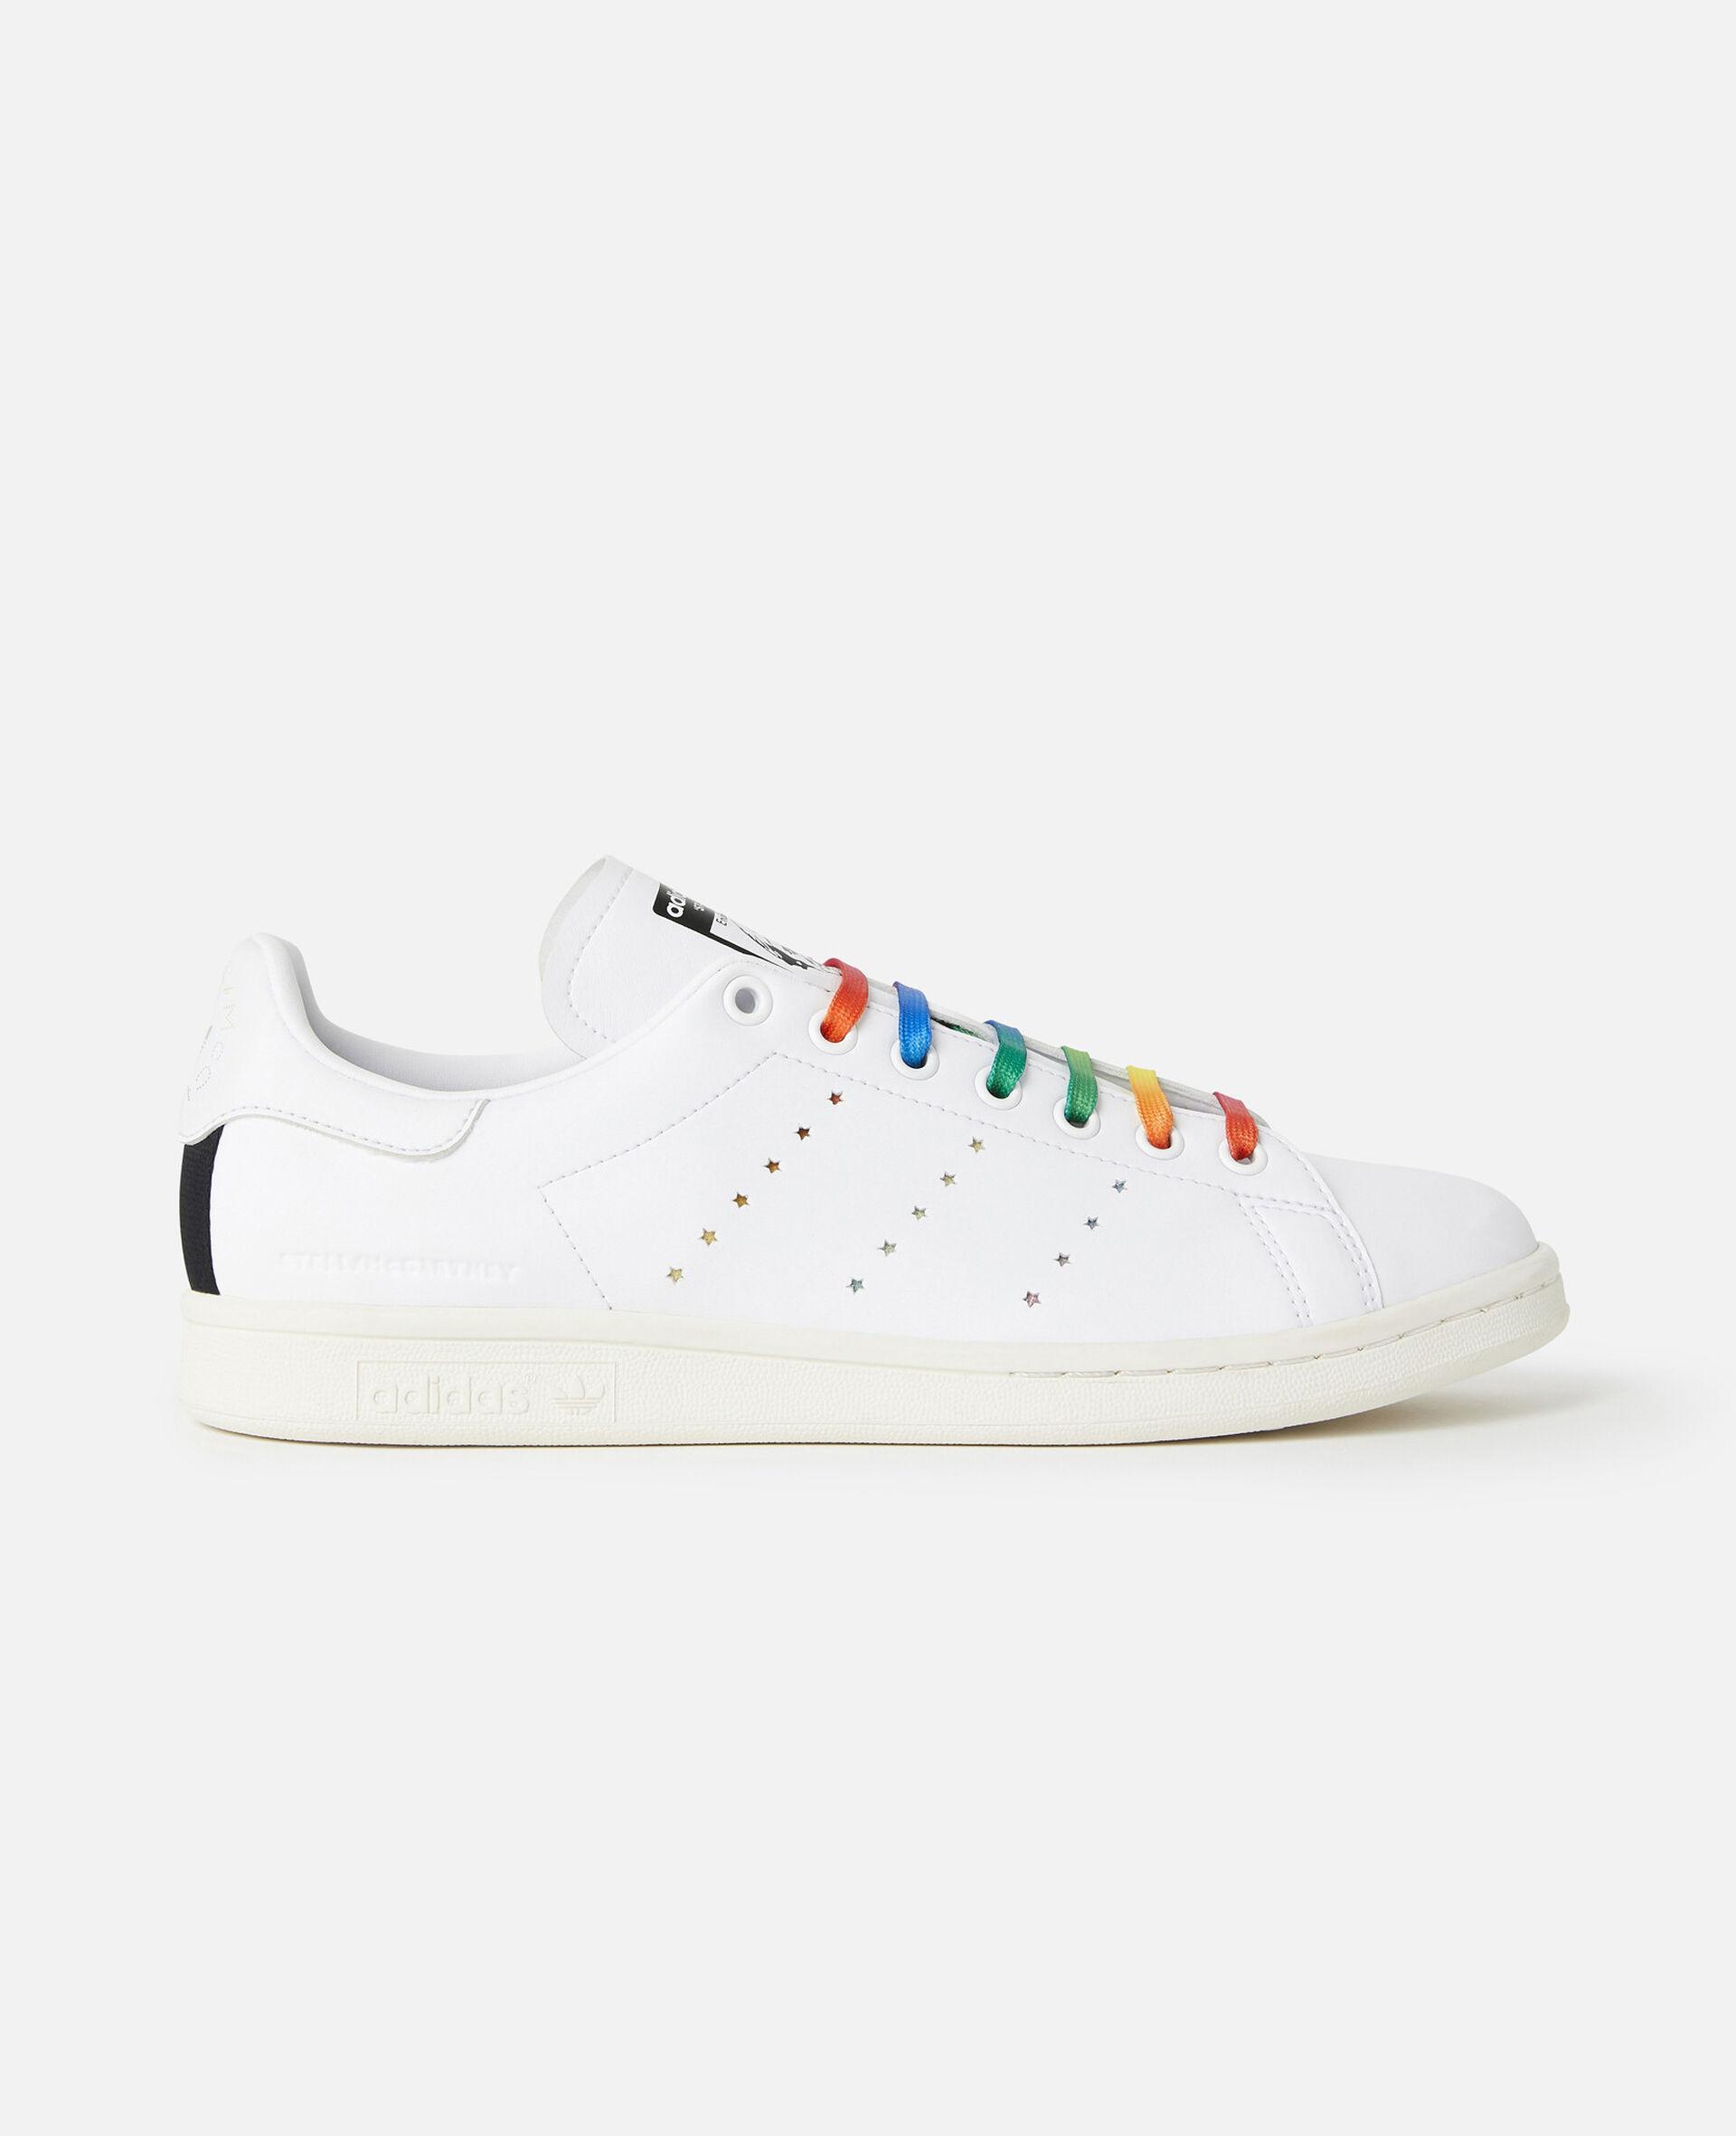 メンズ ステラ #stansmith adidas-ホワイト-large image number 1